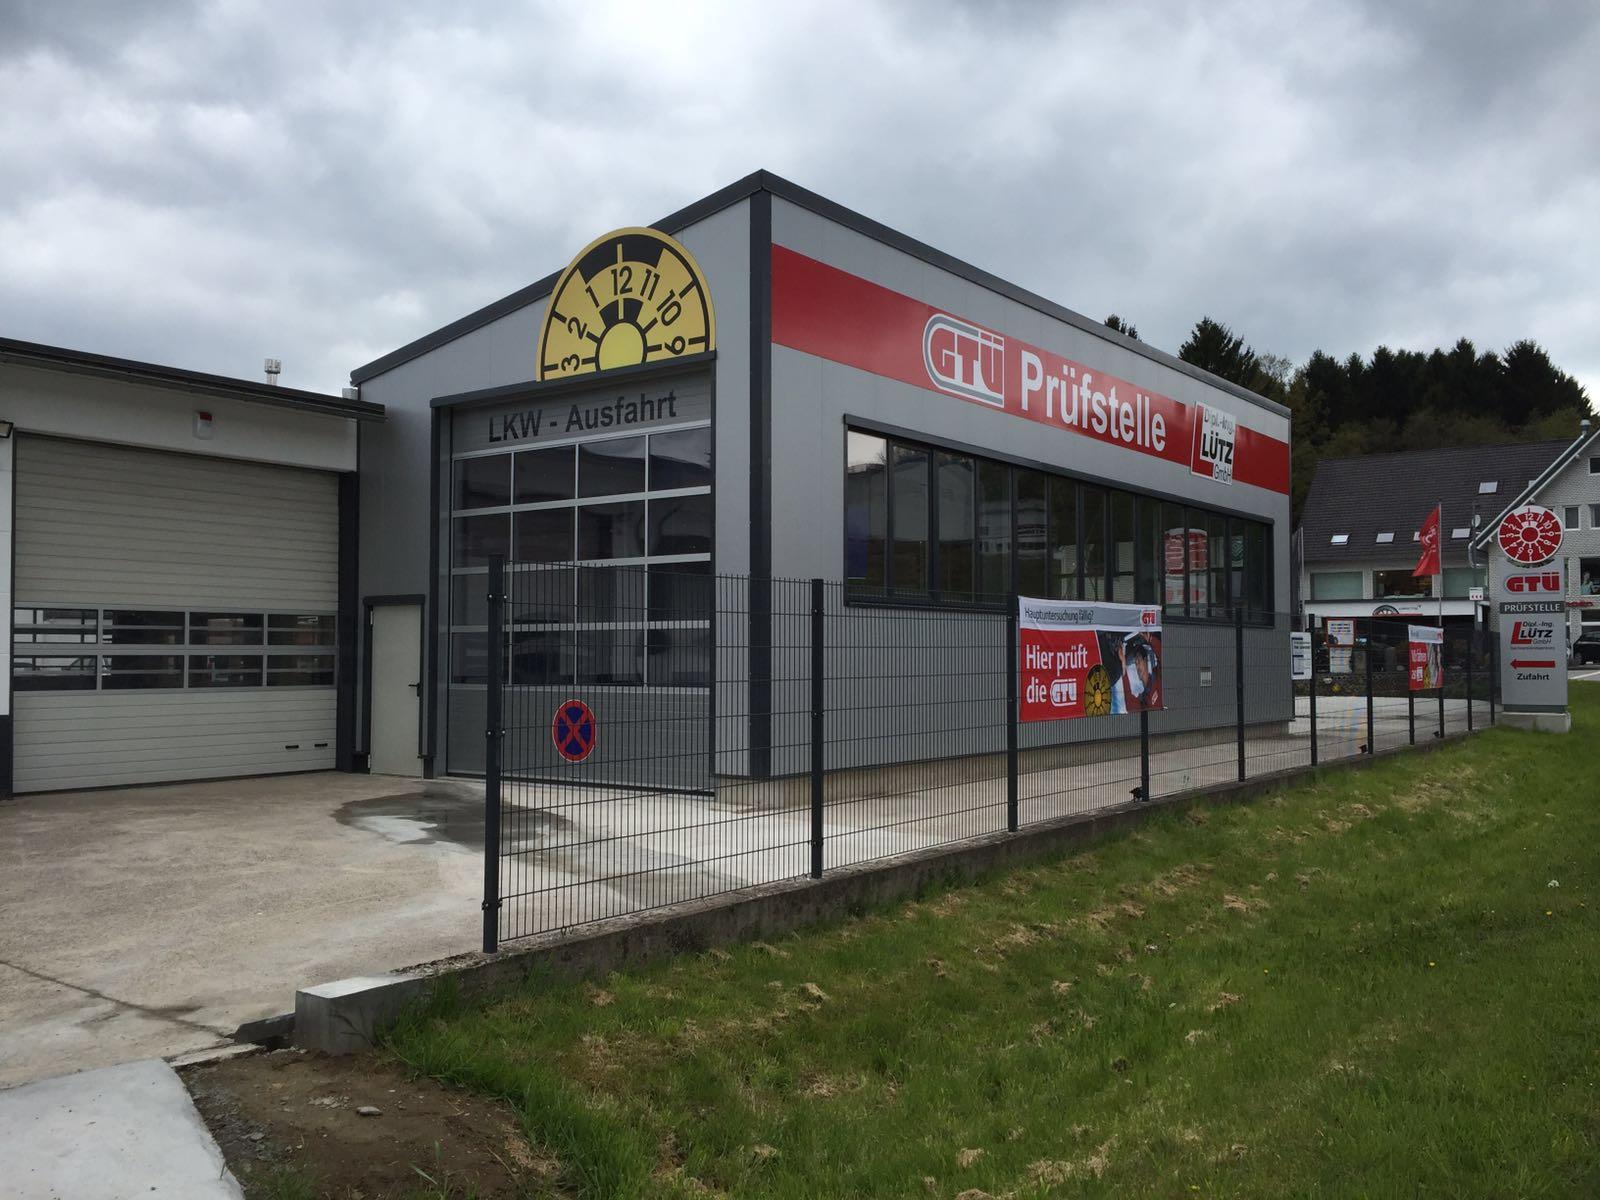 GTÜ Prüfstelle in Overath